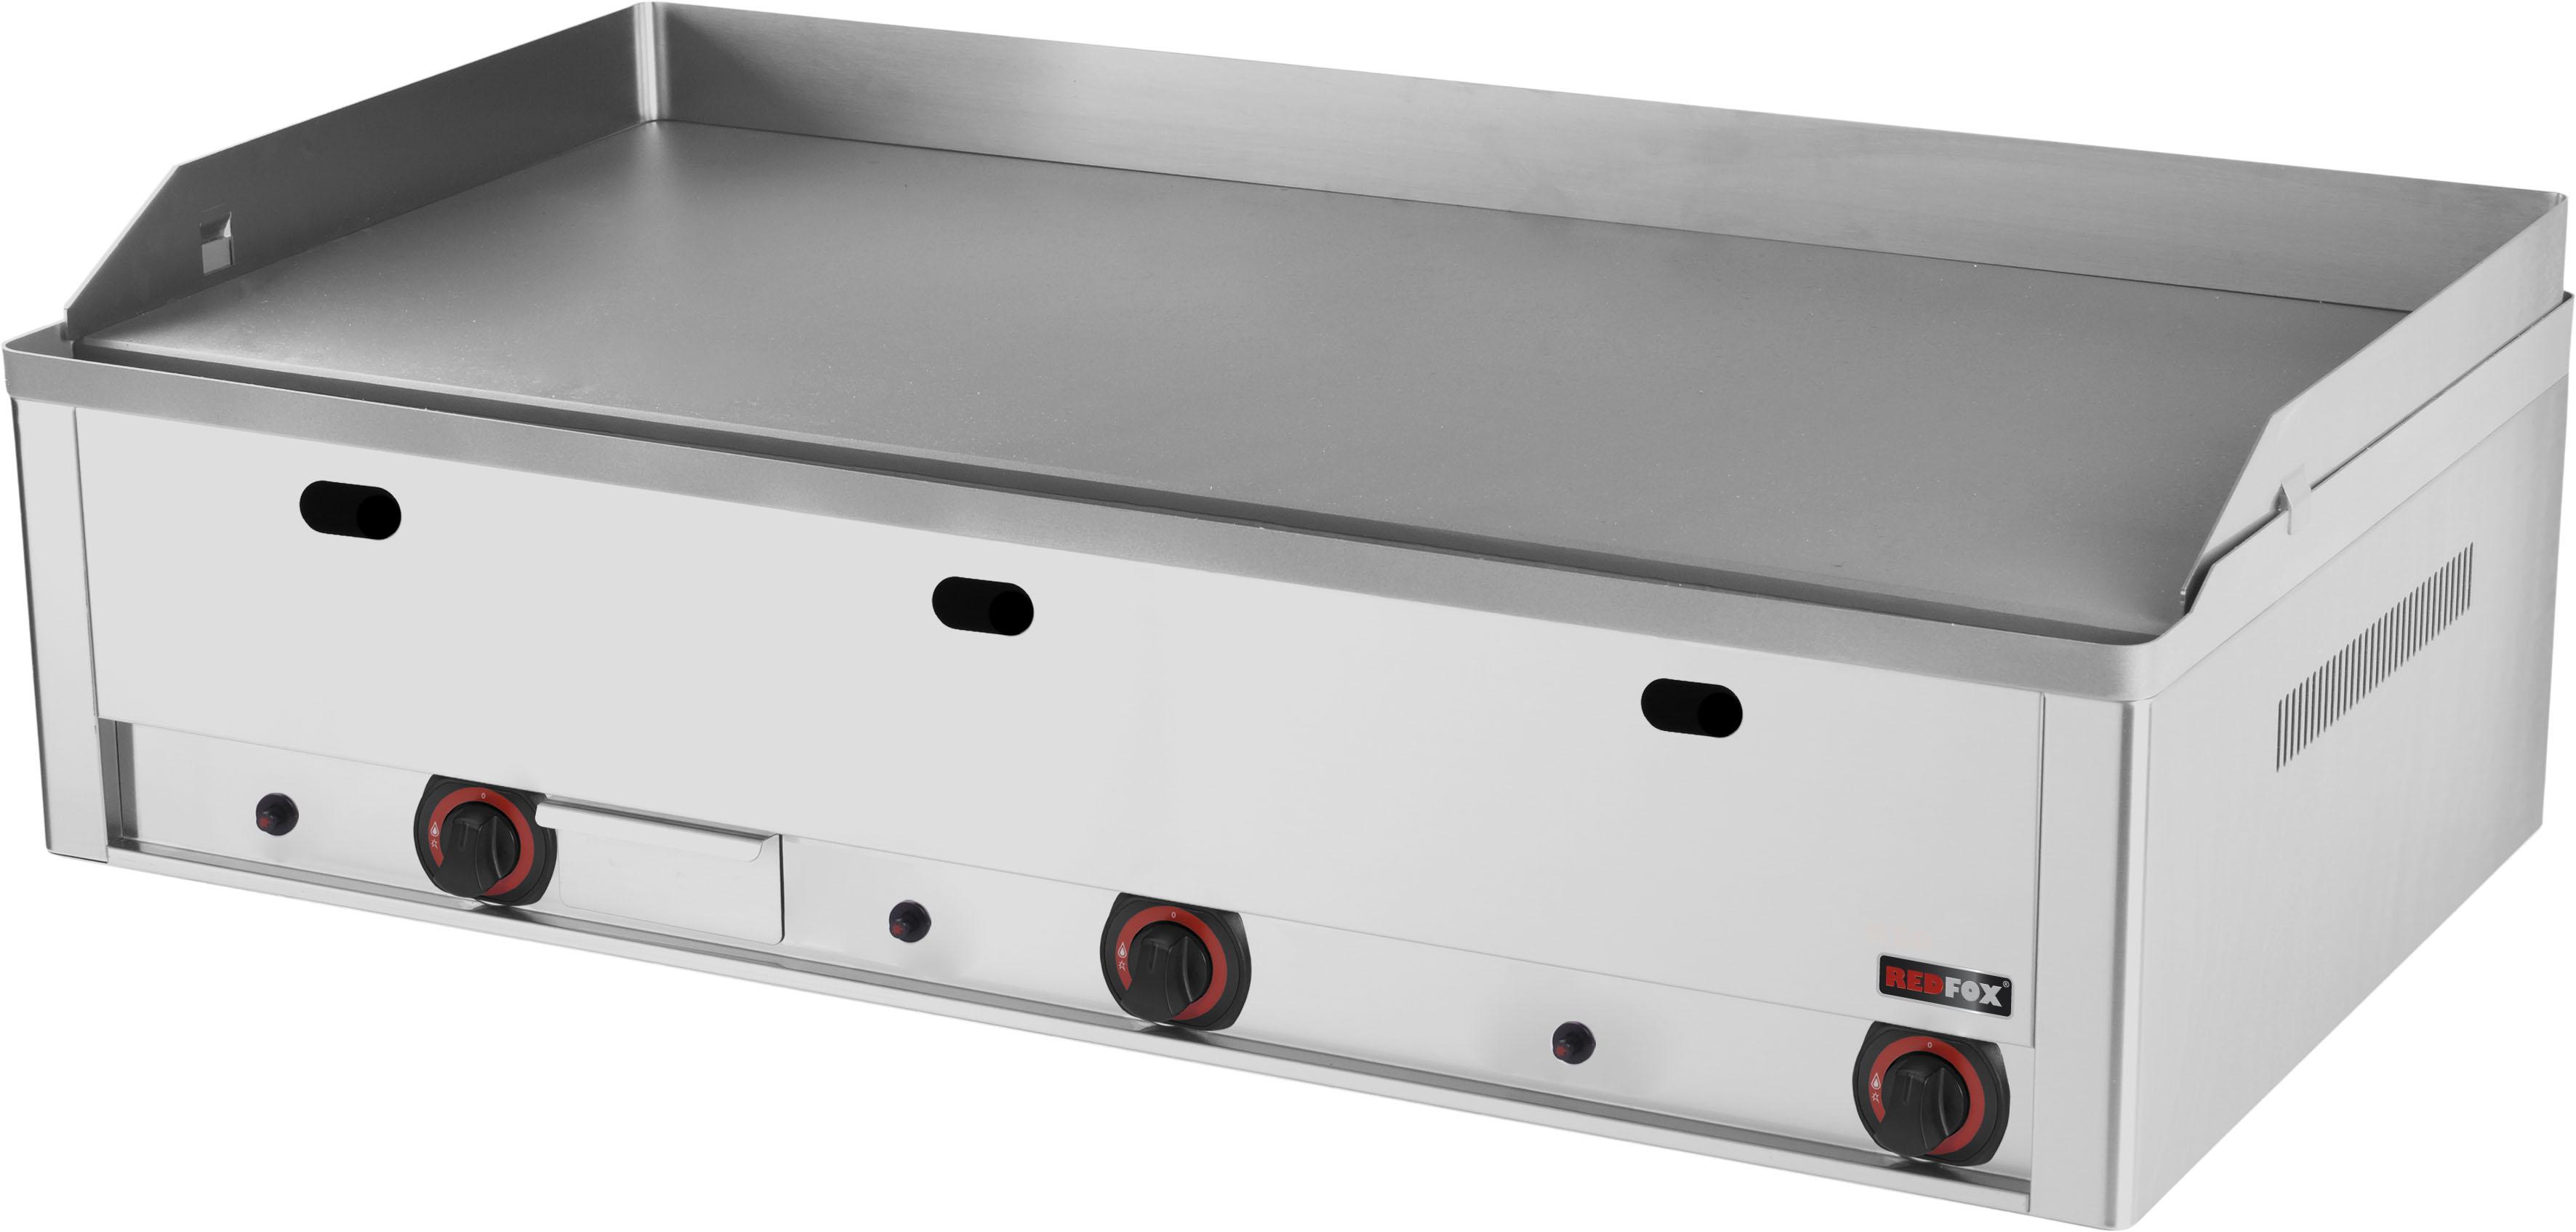 Deska grilovací plynová FTH 90 G hladká ocelová RedFox